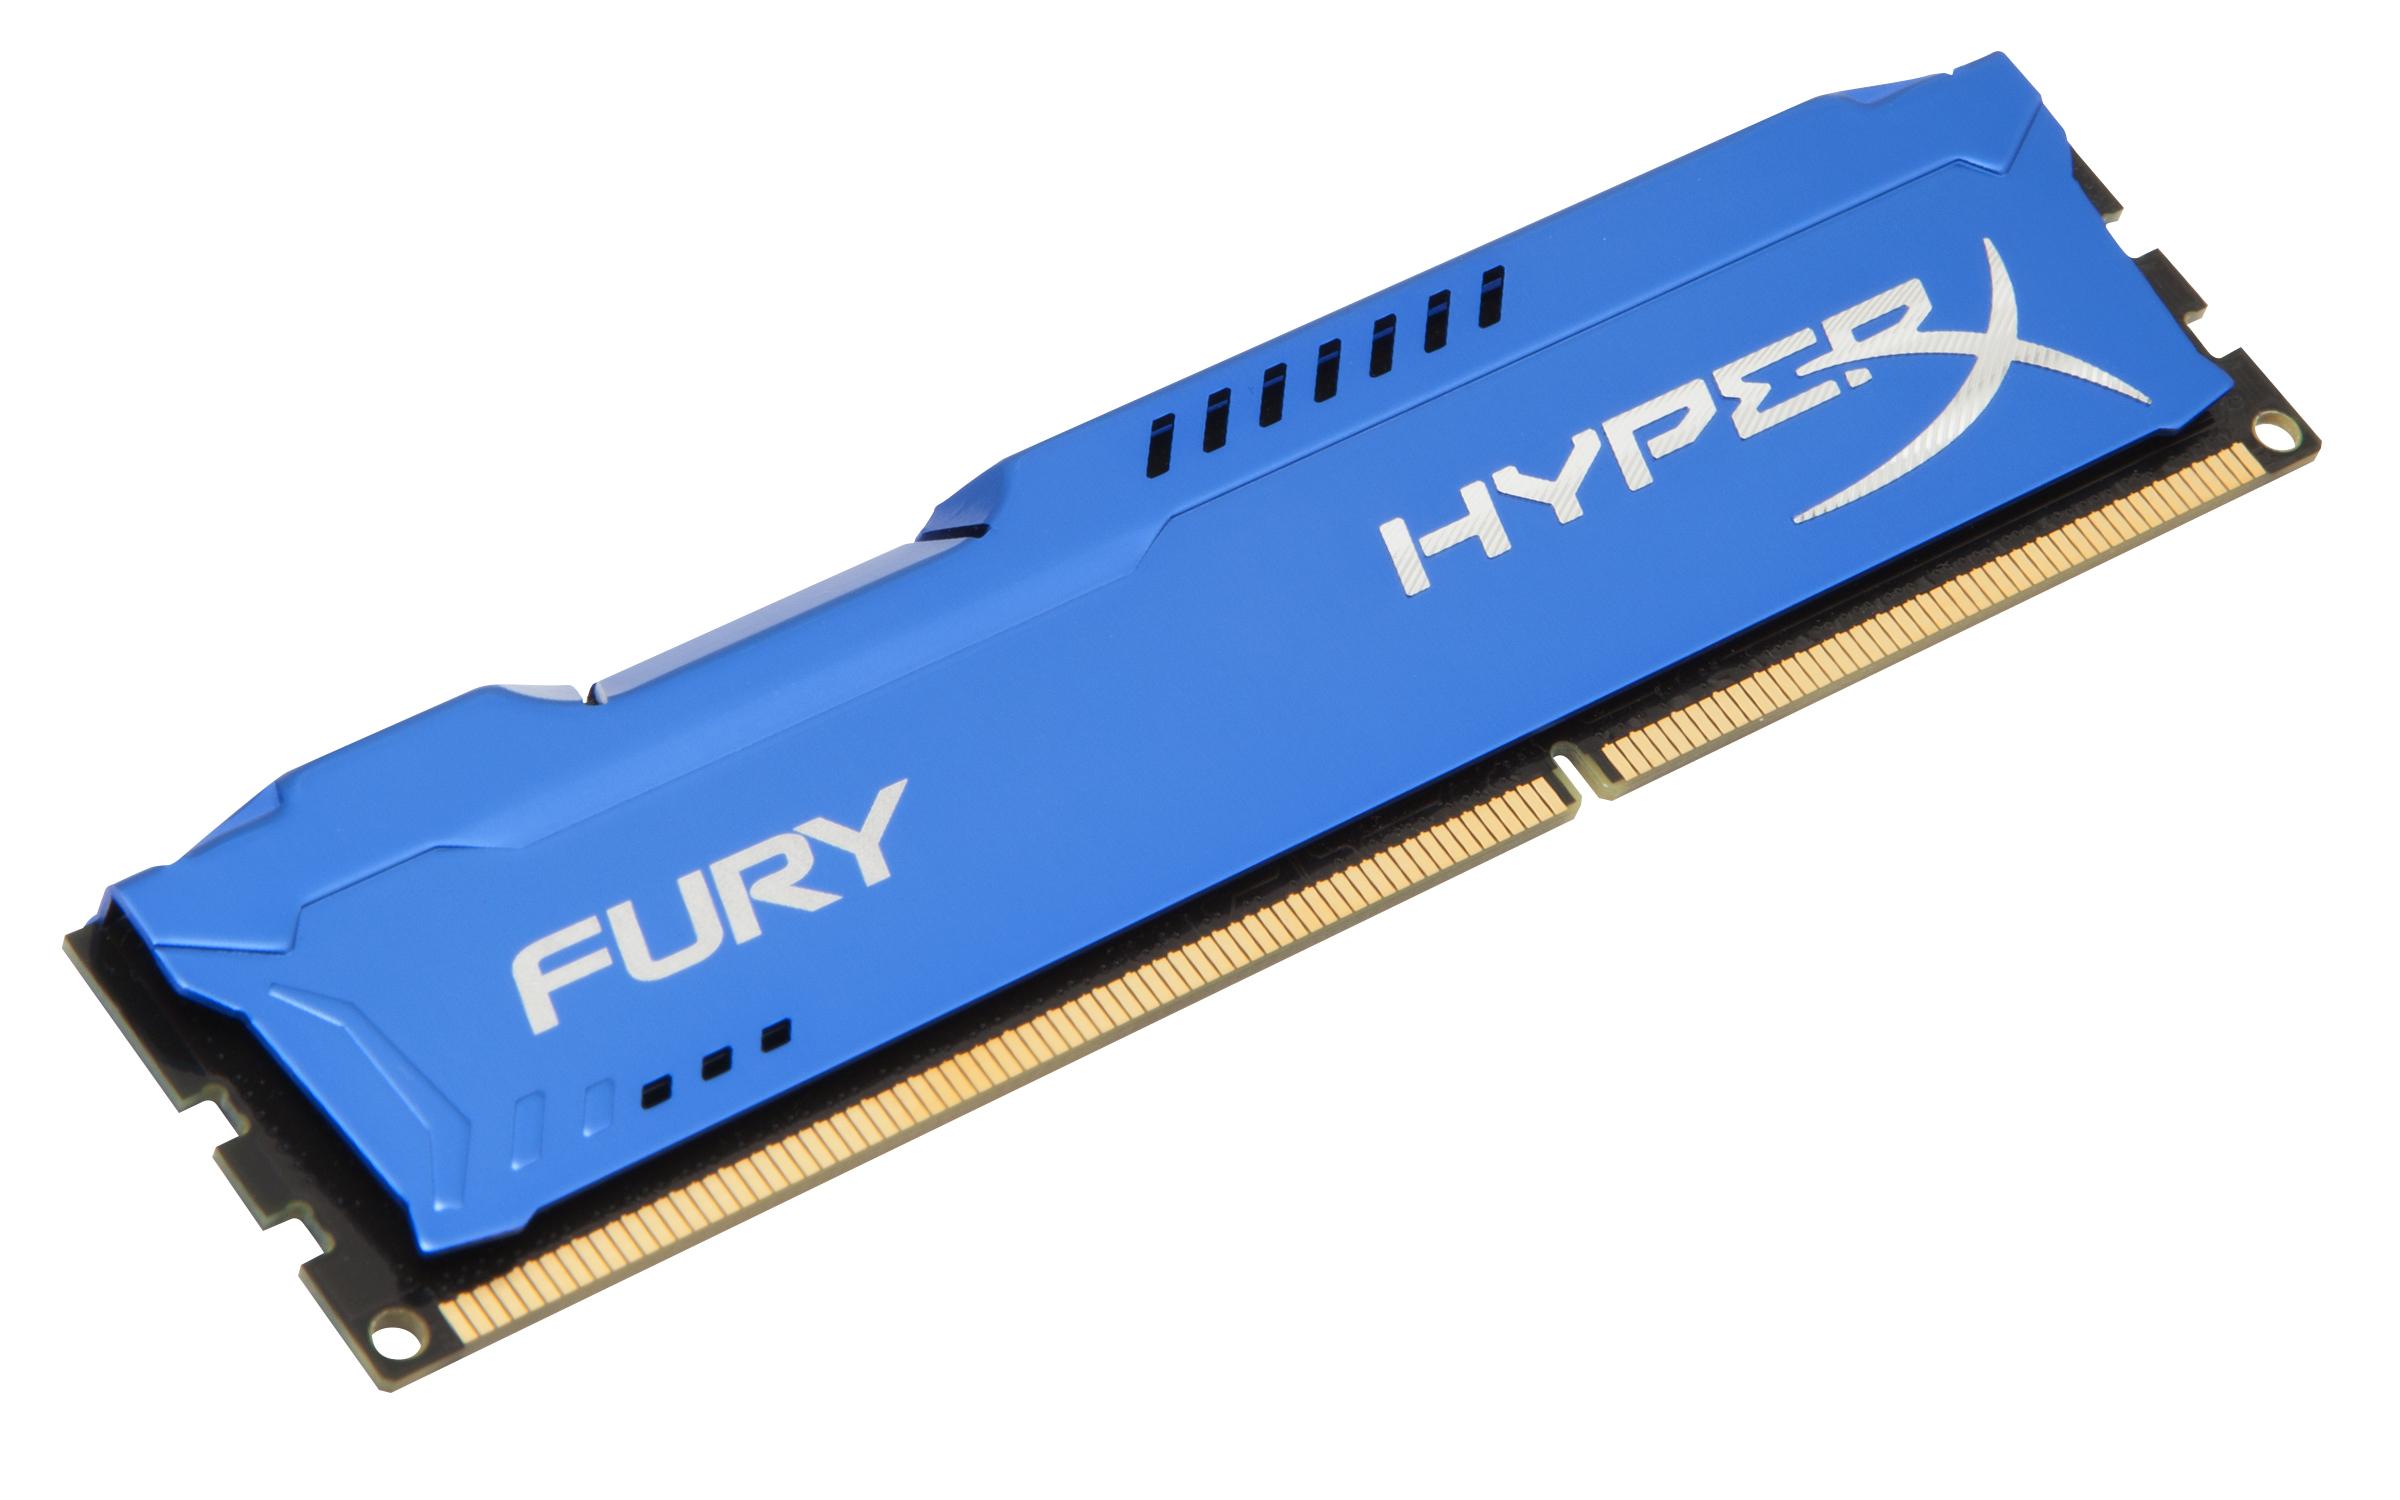 HyperX FURY Blue 4GB 1333MHz DDR3 4GB DDR3 1333MHz memory module